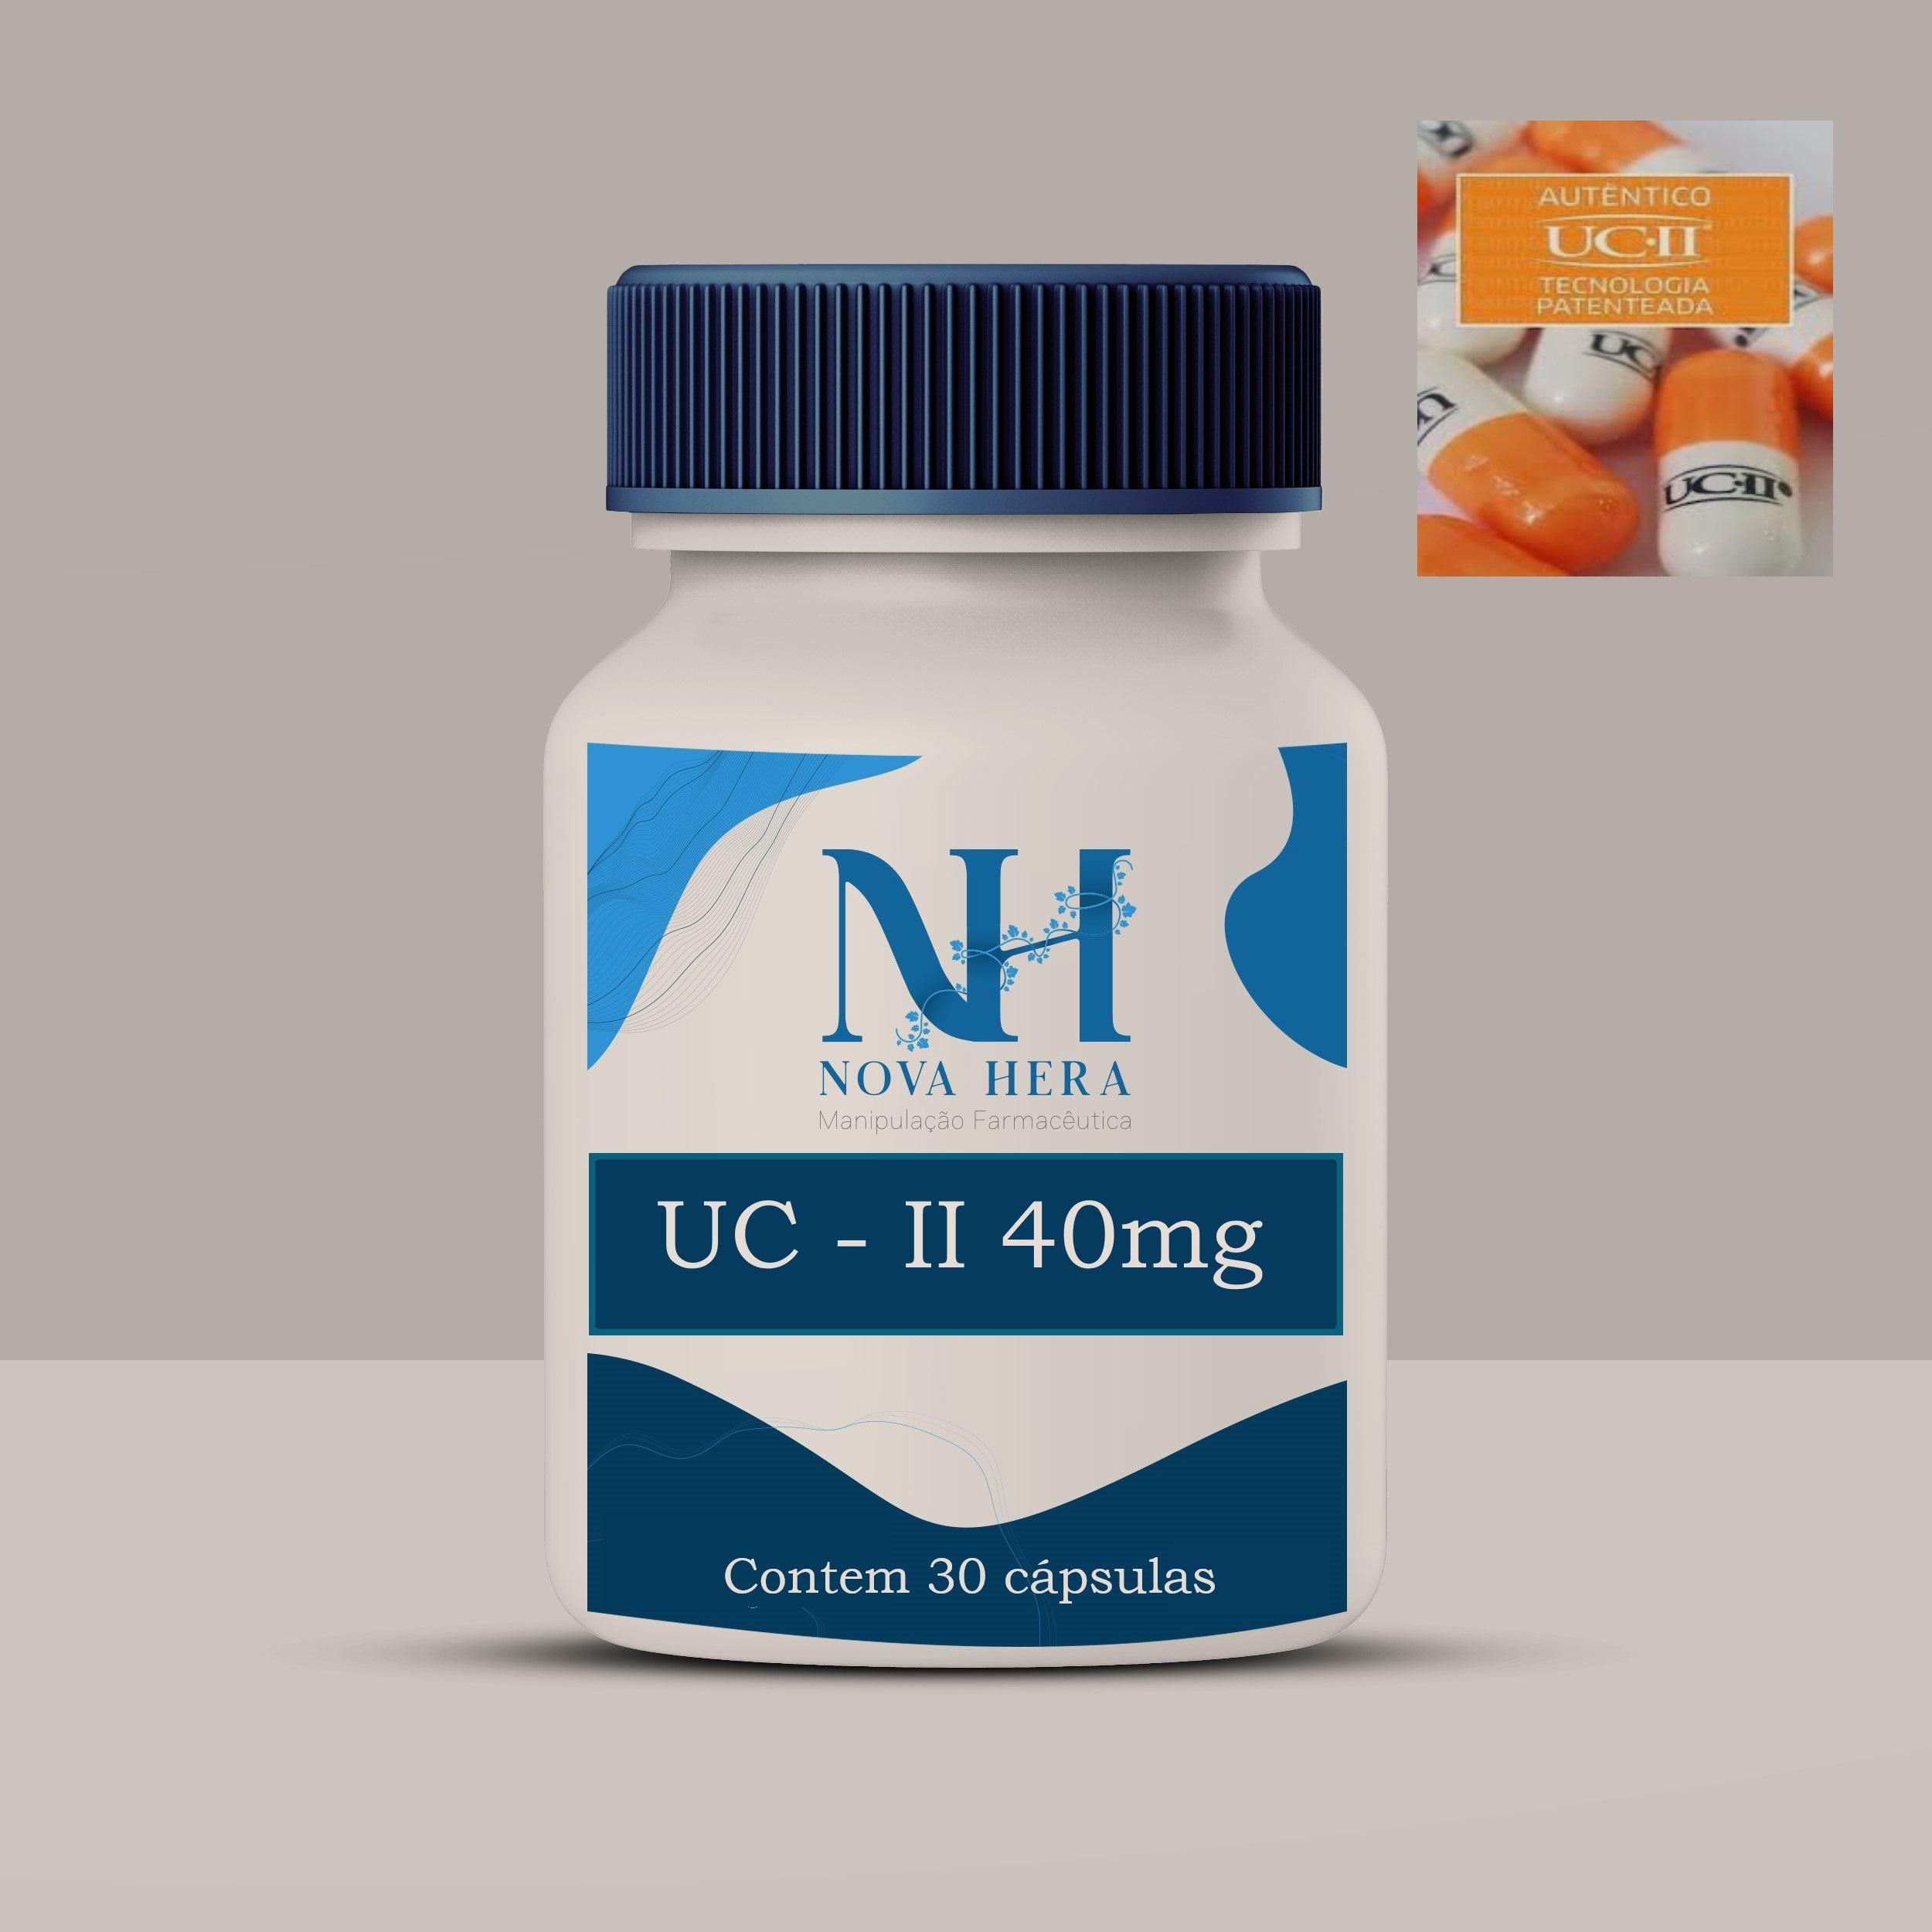 https://www.farmacianovahera.com.br/view/_upload/produto/46/1587576537uc-ii---jpeg.jpg